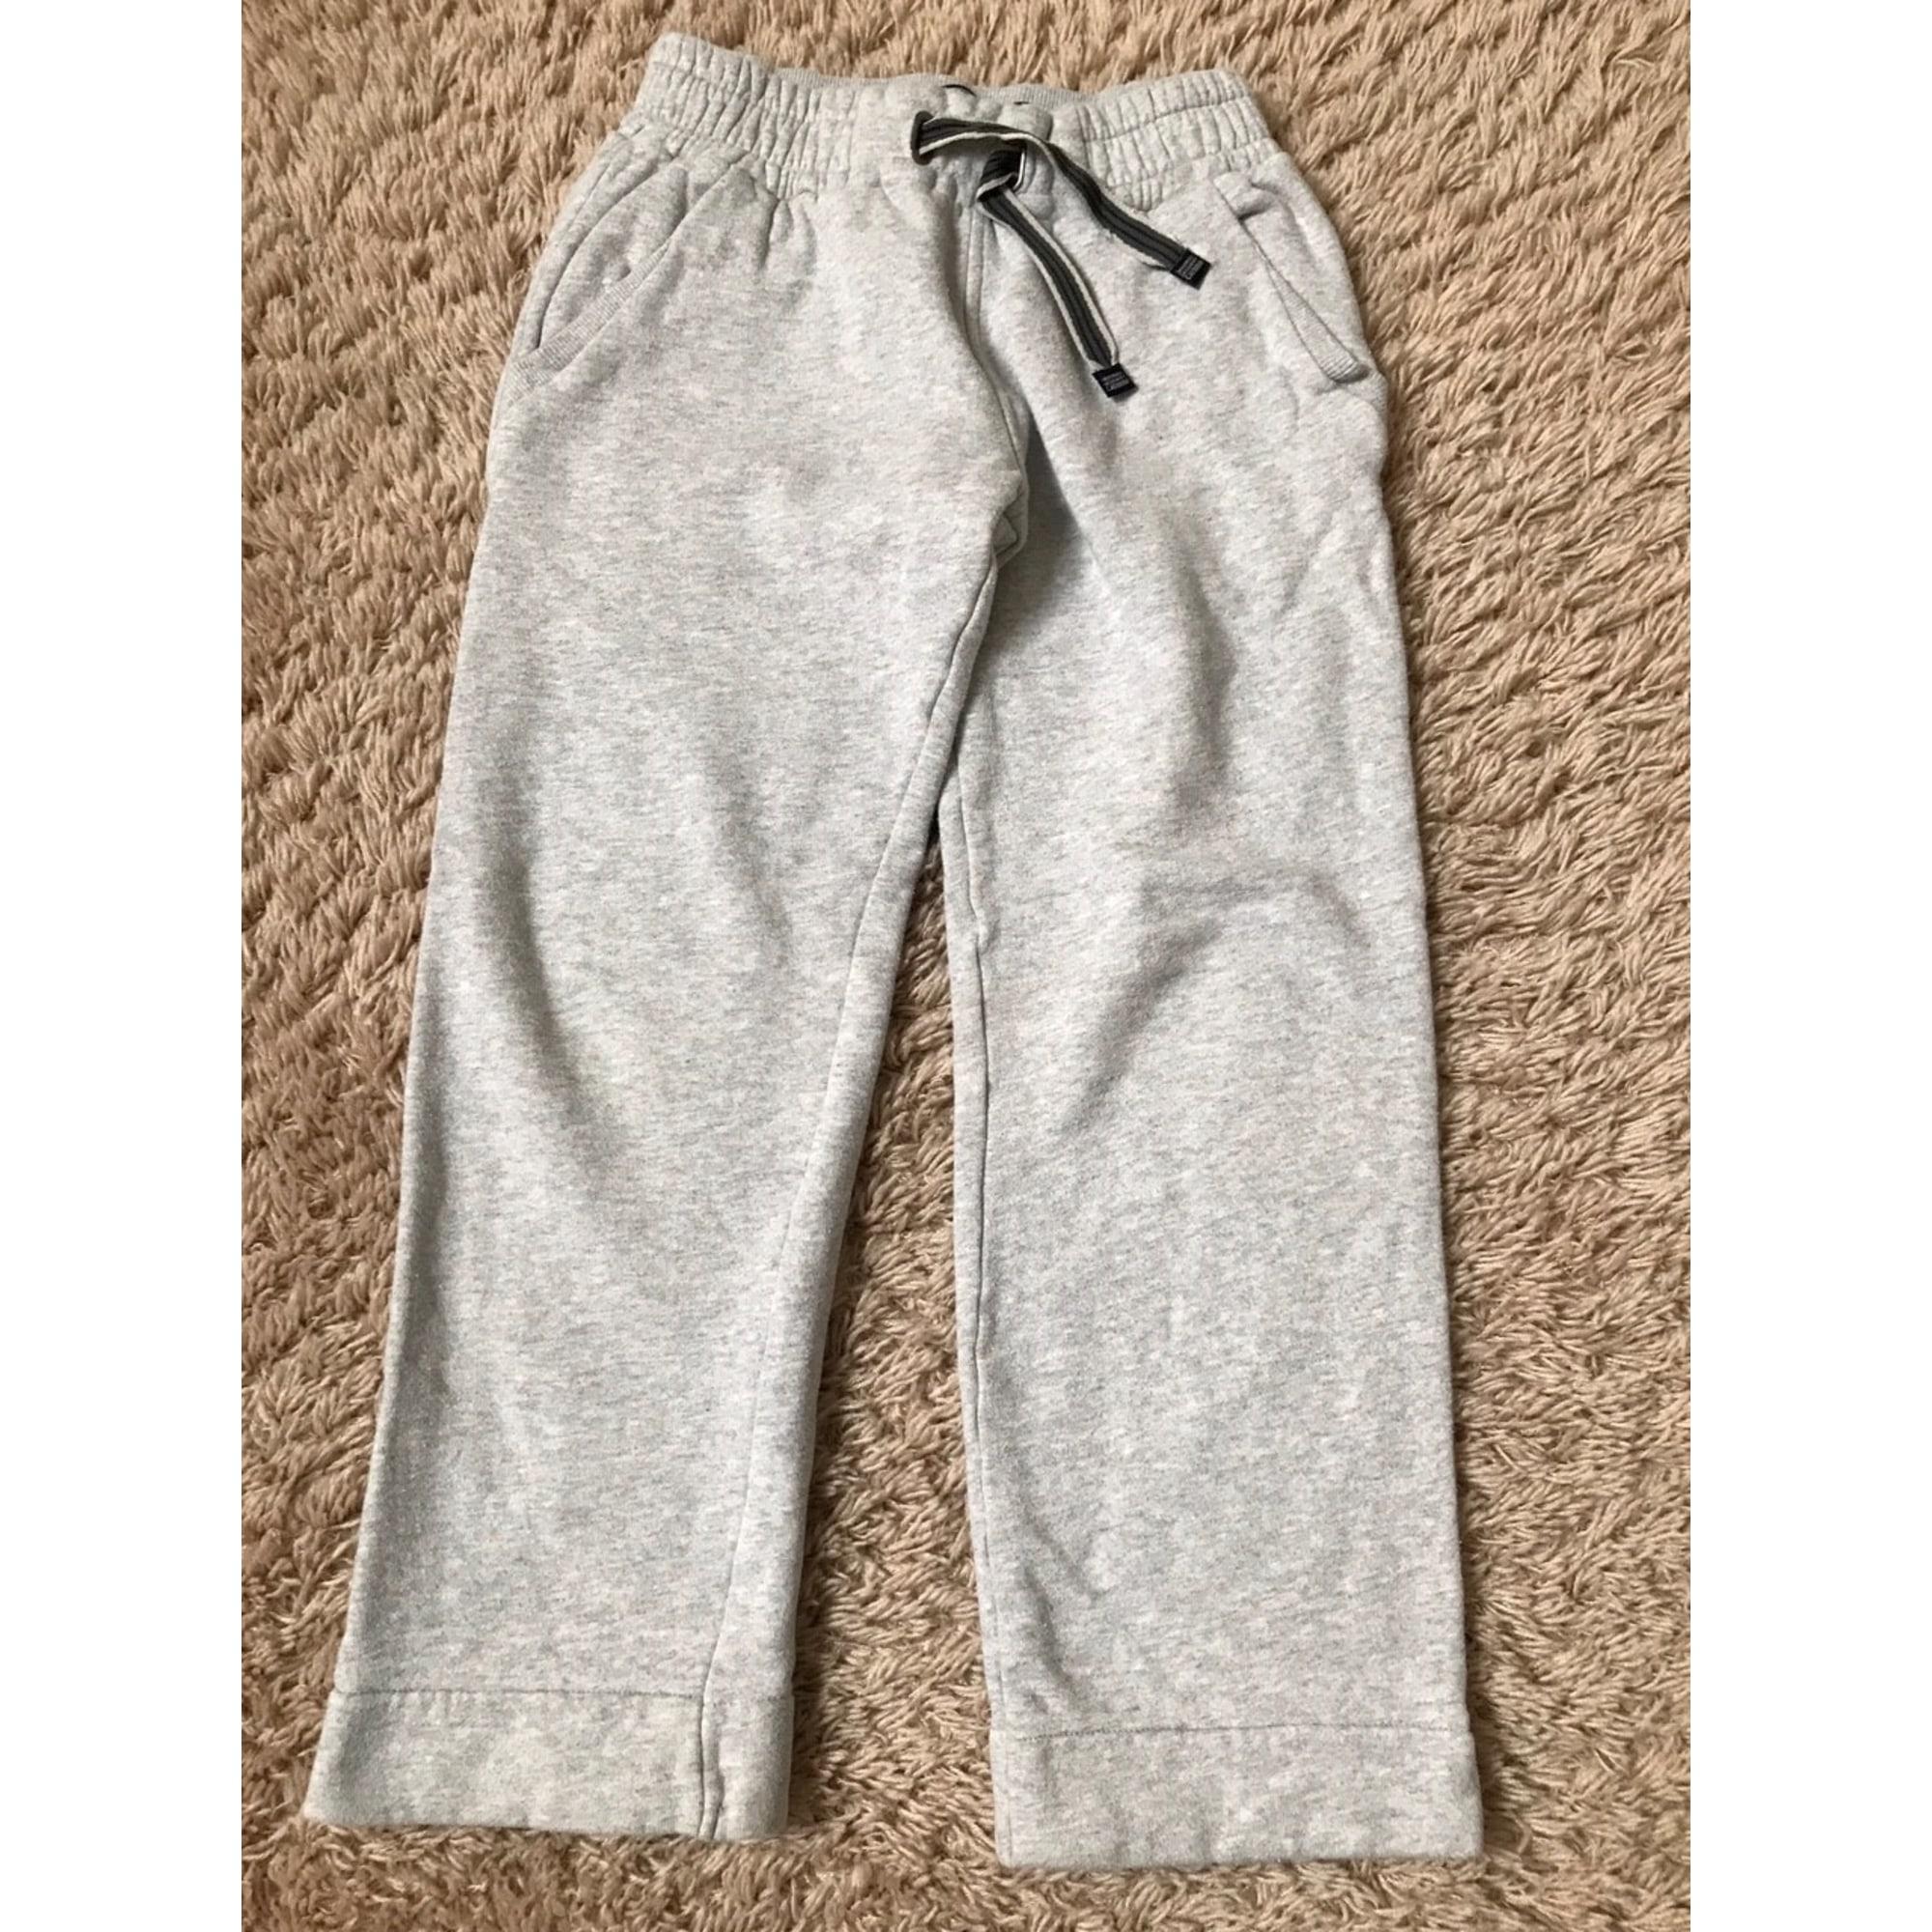 Pantalon de survêtement CATIMINI Gris, anthracite